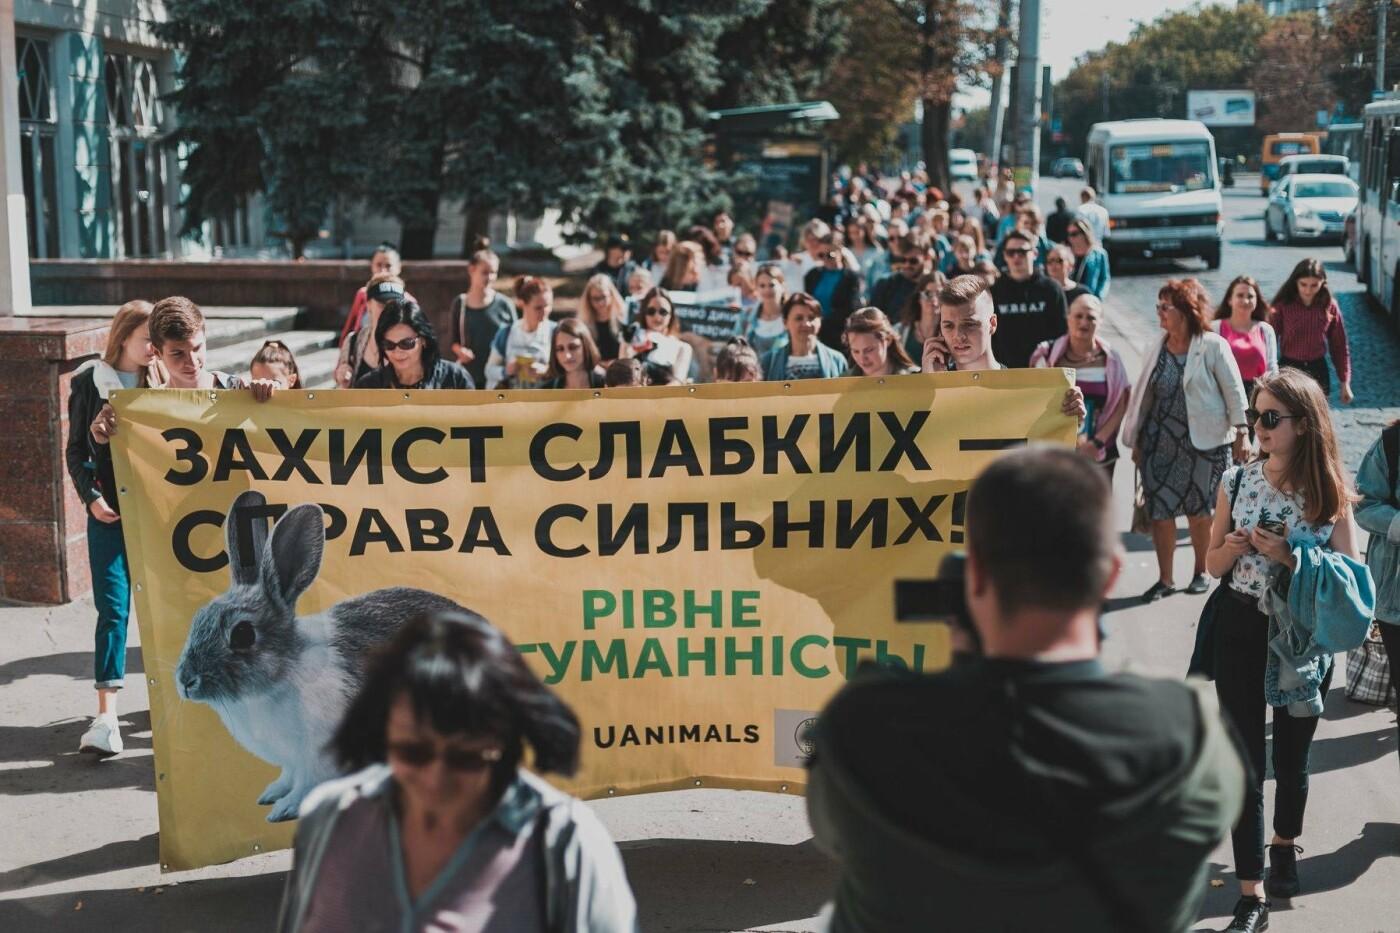 Разом з дітьми та домашніми улюбленцями: у Рівному пройшов Всеукраїнський марш за тварин (ФОТО), фото-5